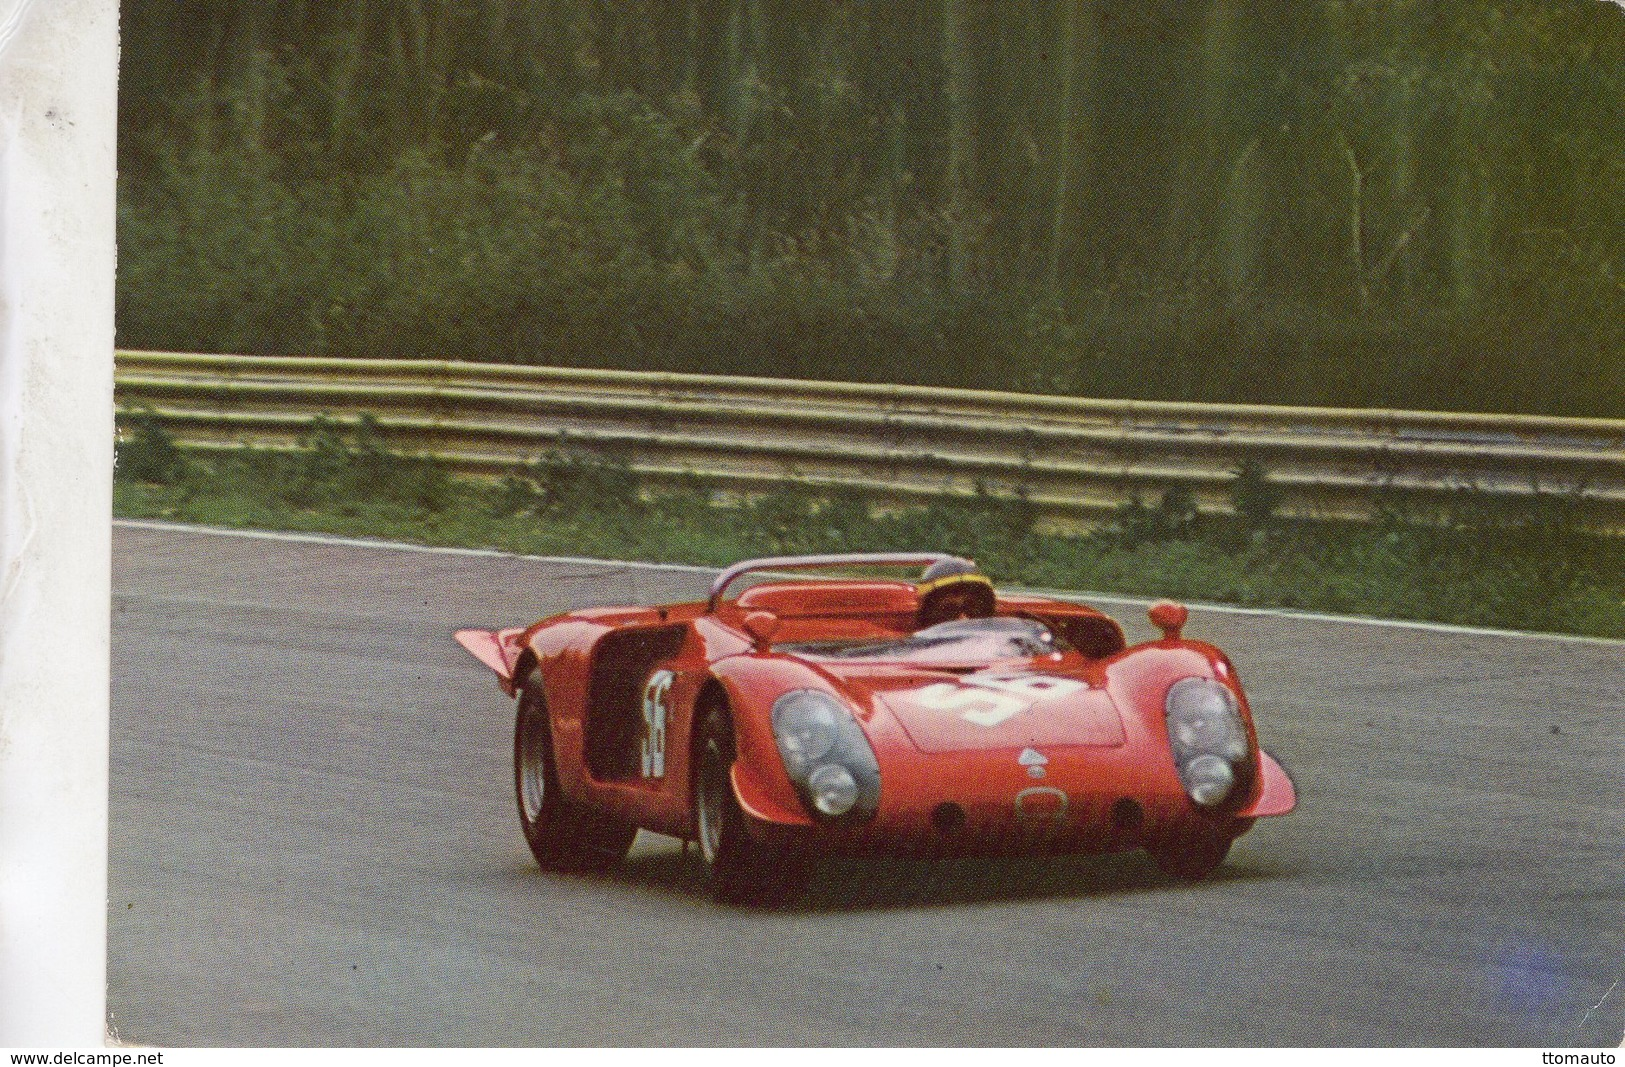 1000kms Monza 1970  -  Alfa Romeo T33/2 Spider  -  Pilotes: Giovanni Alberti/Teodoro Zeccoli  -  CPSM - Le Mans